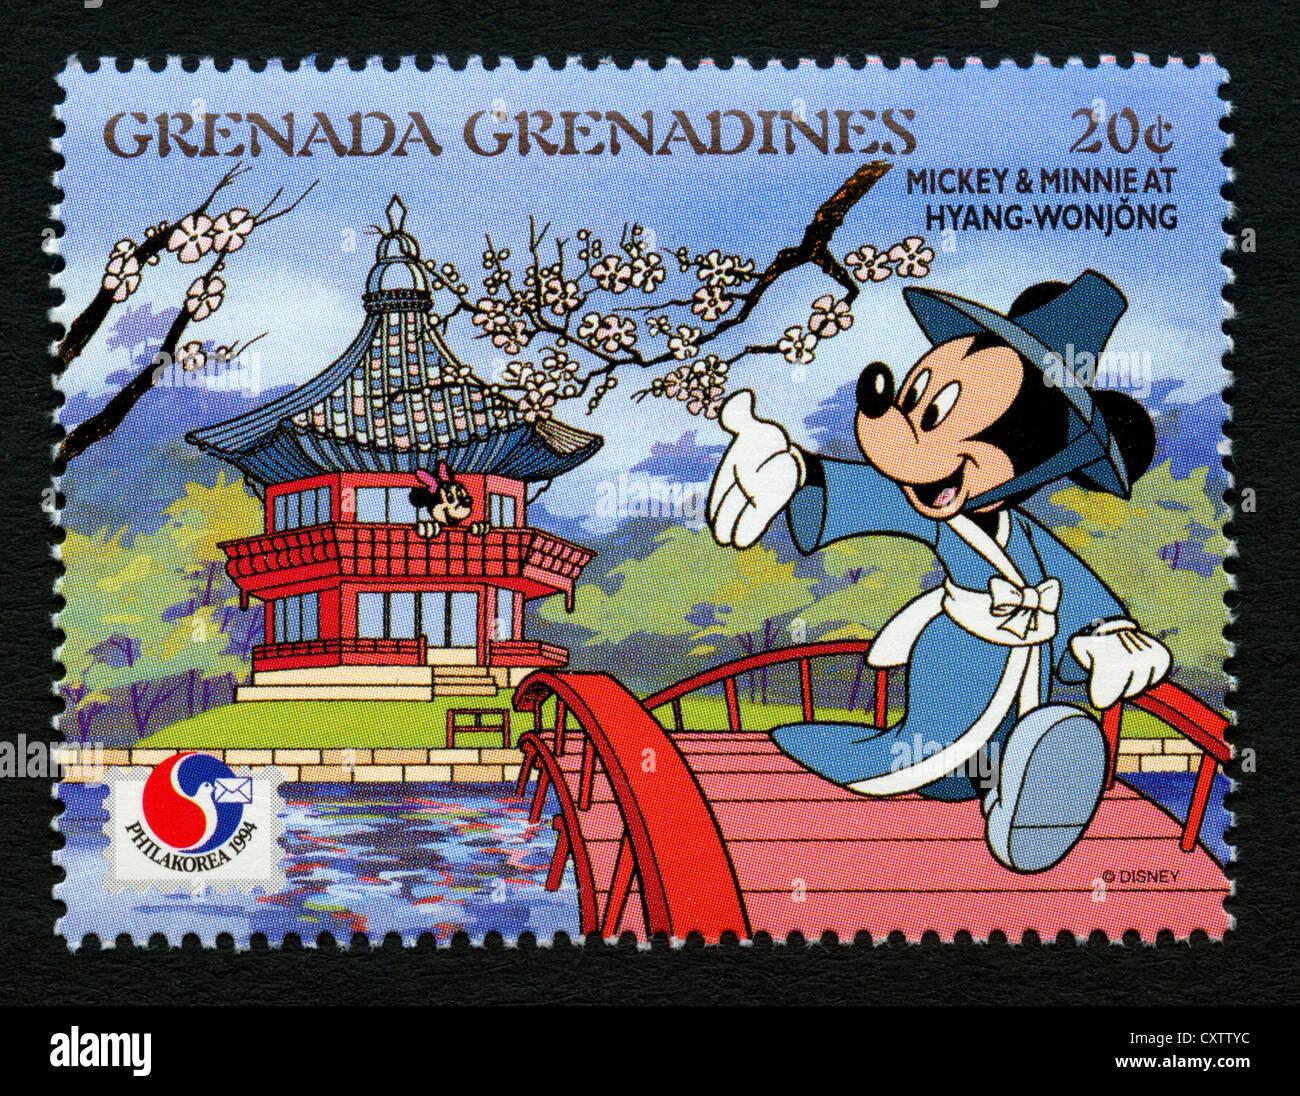 Grenada francobollo cartoni animati disney topolino e minnie